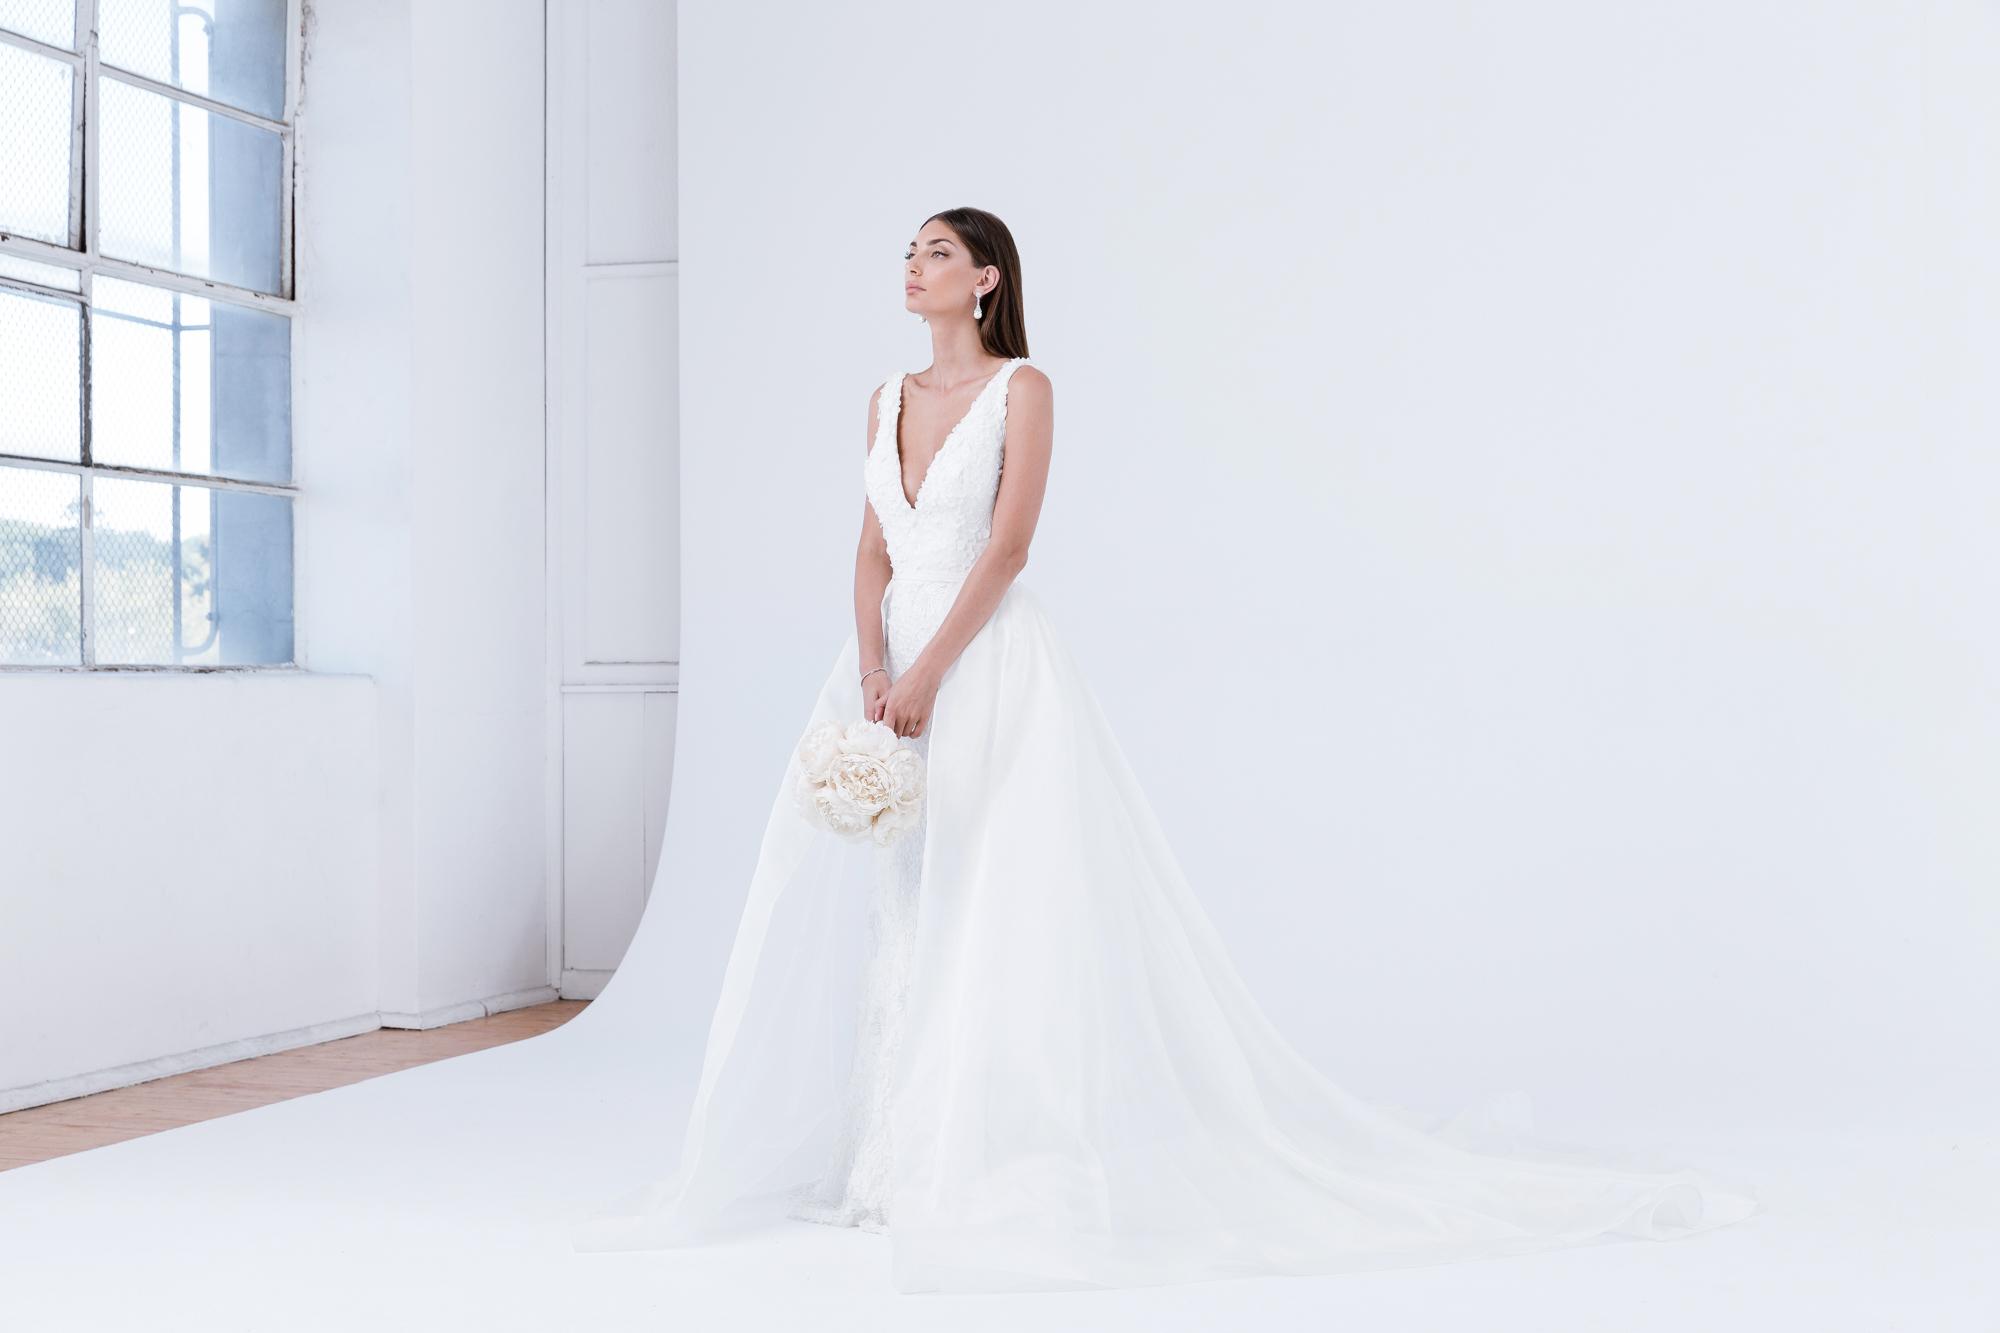 Amaline Vitale bridal designer on LOVE FIND CO.